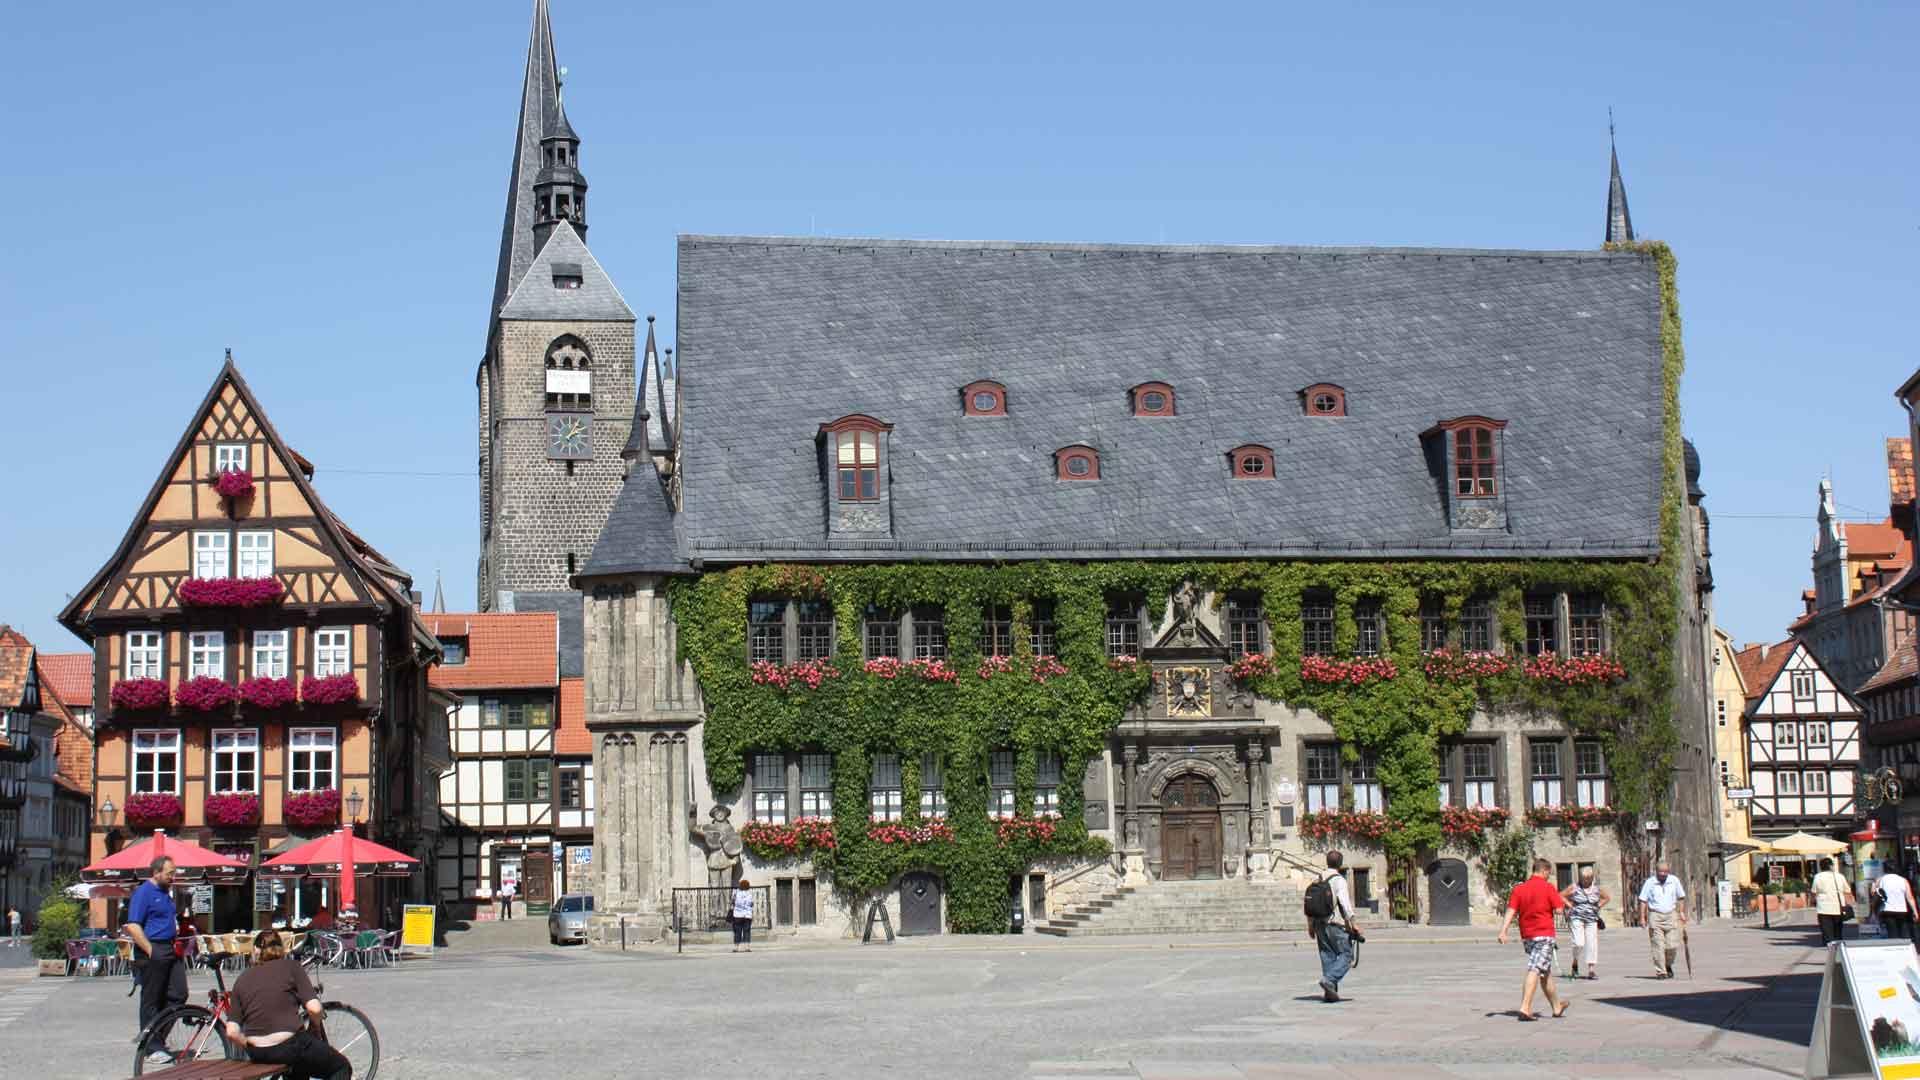 Het prachtige stadhuis van Quedlinburg.